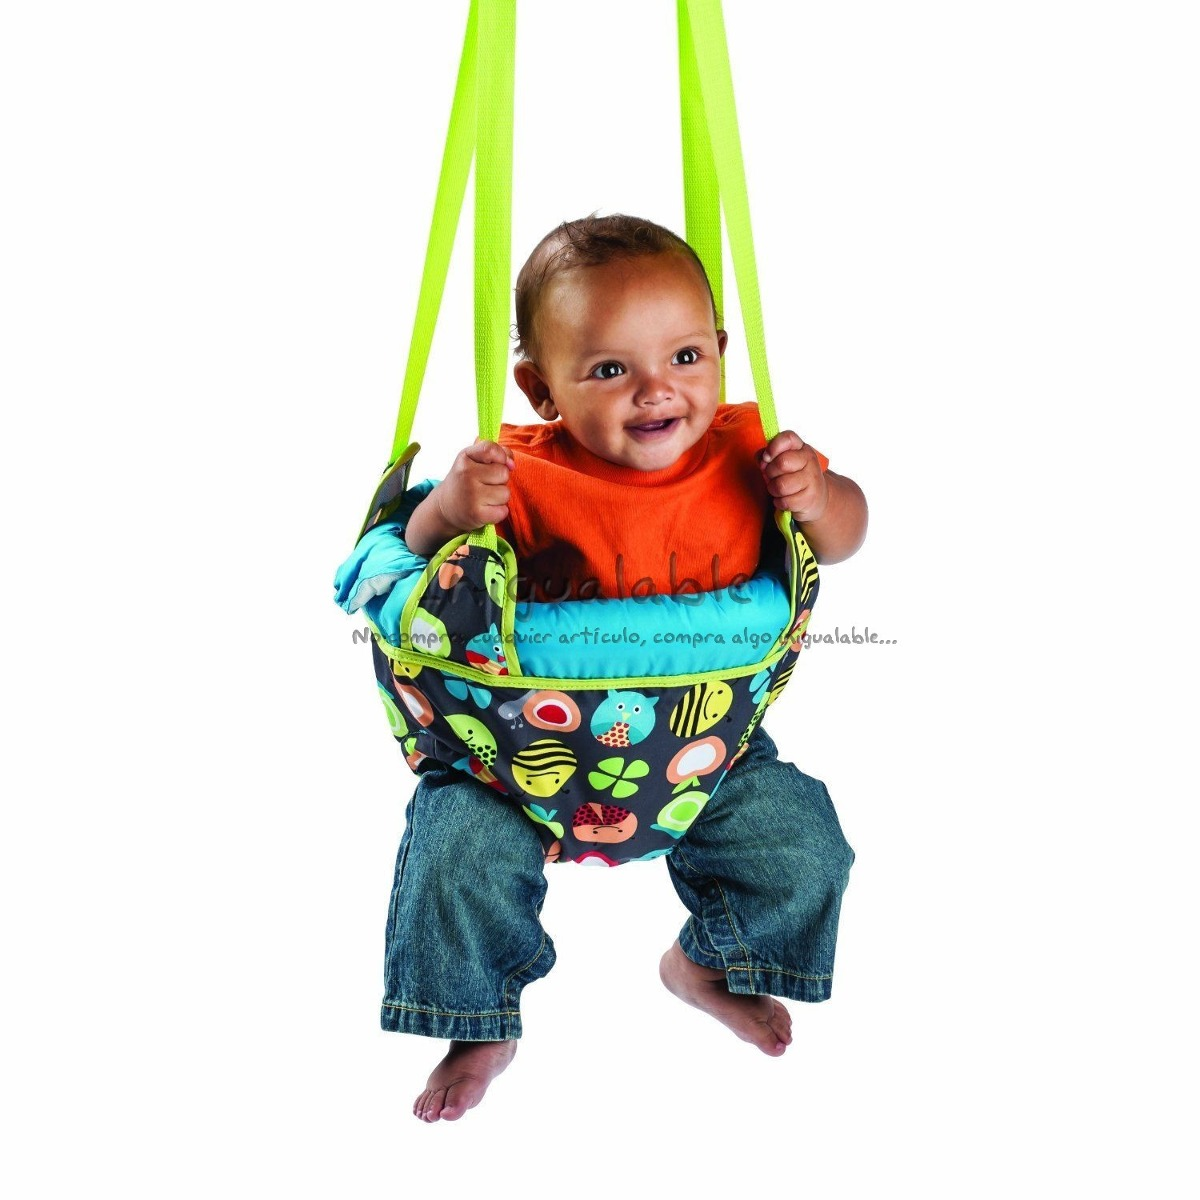 Columpios Para Brincar Bebes - Juegos y Juguetes para Bebés en ...